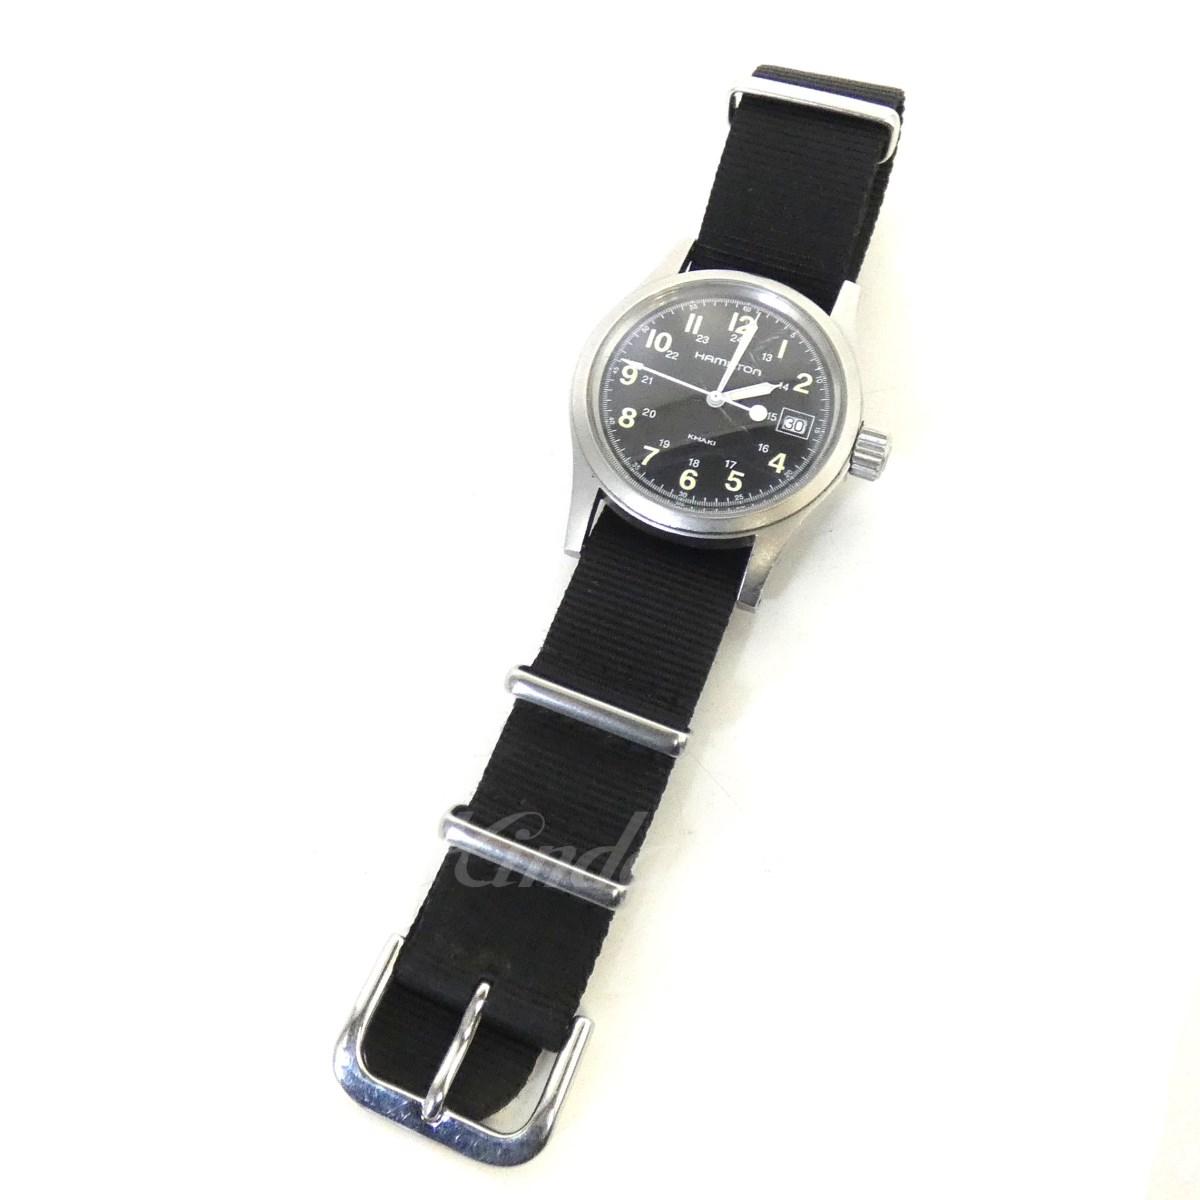 【中古】HAMILTON 「KHAKI」683110 クオーツ腕時計 ブラック サイズ:- 【送料無料】 【090419】(ハミルトン)